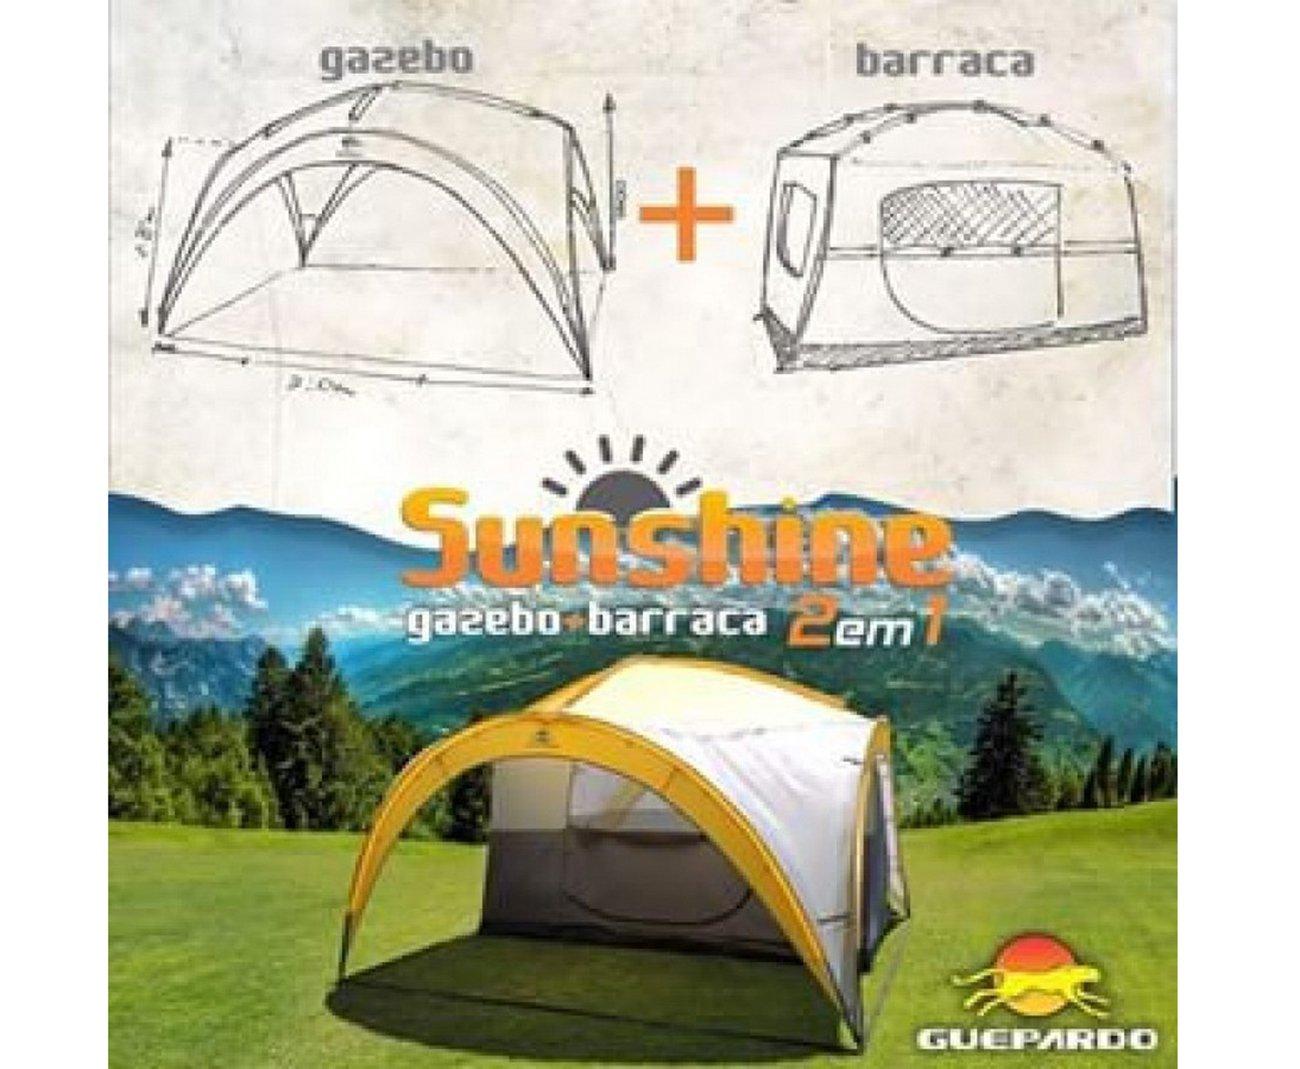 Barraca 4/5 Sunshine 2 Em 1 + Gazebo 2000mm Coluna D Agua - Guepardo